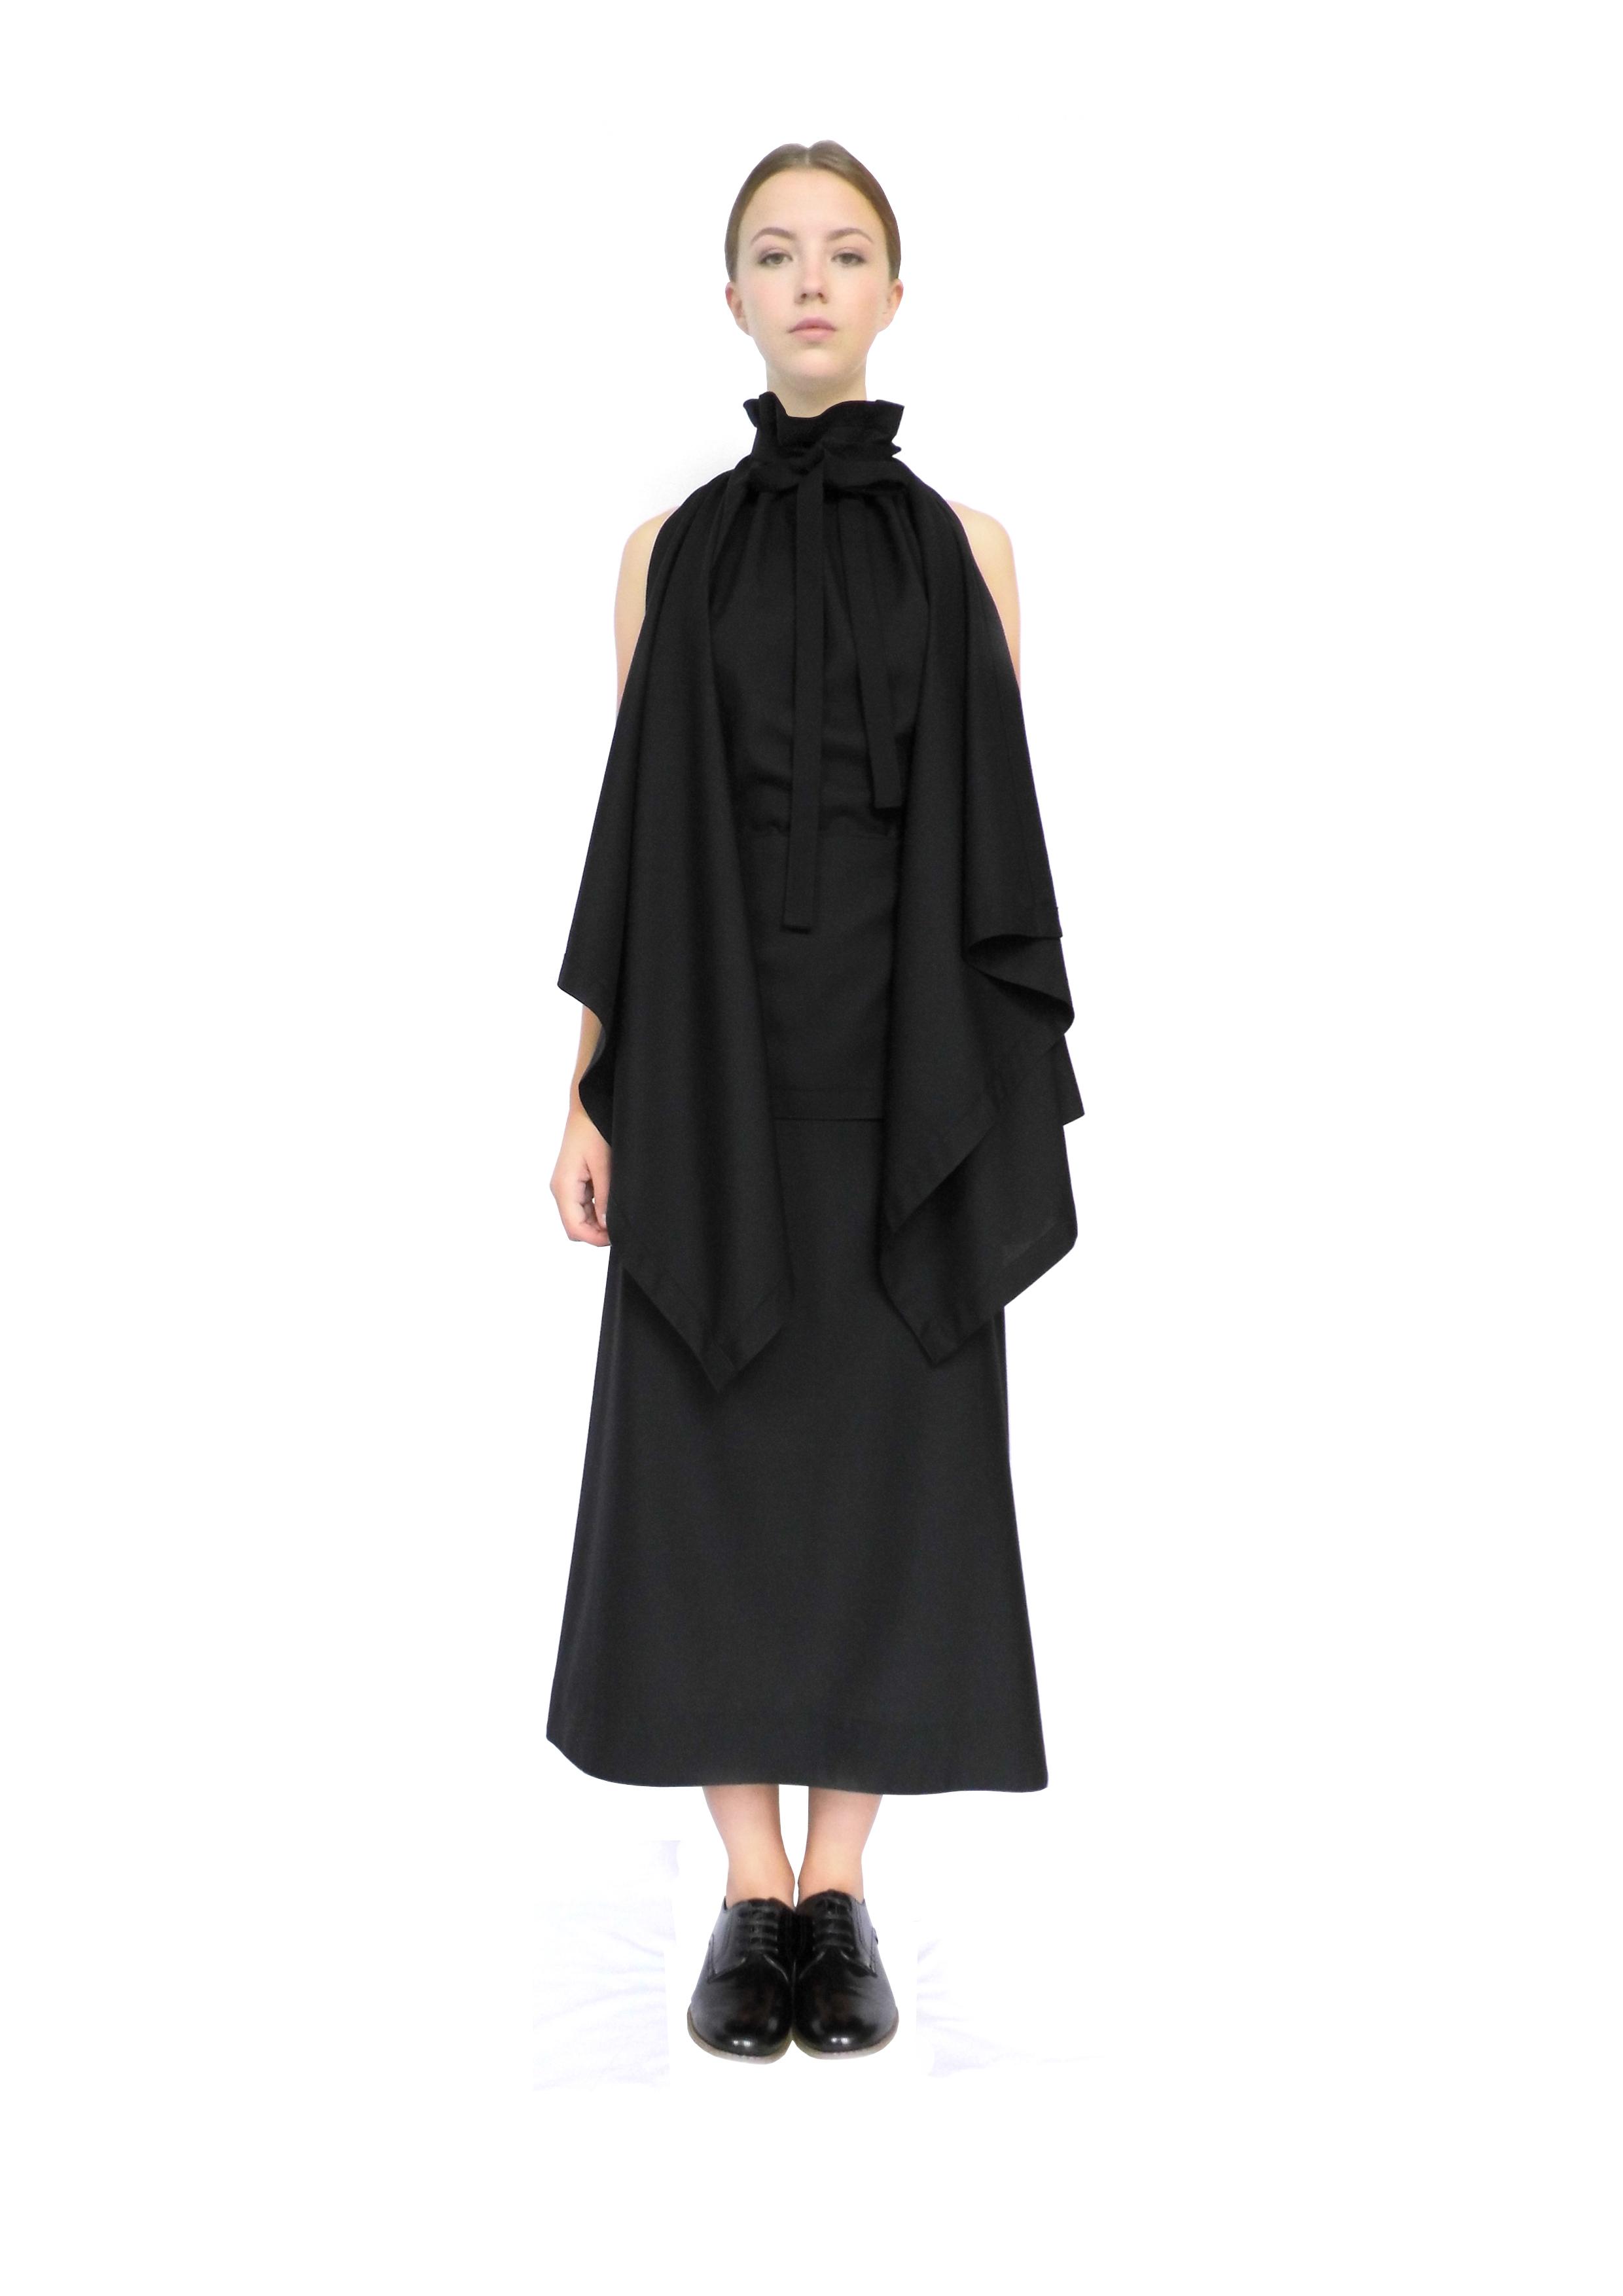 Blanket dress